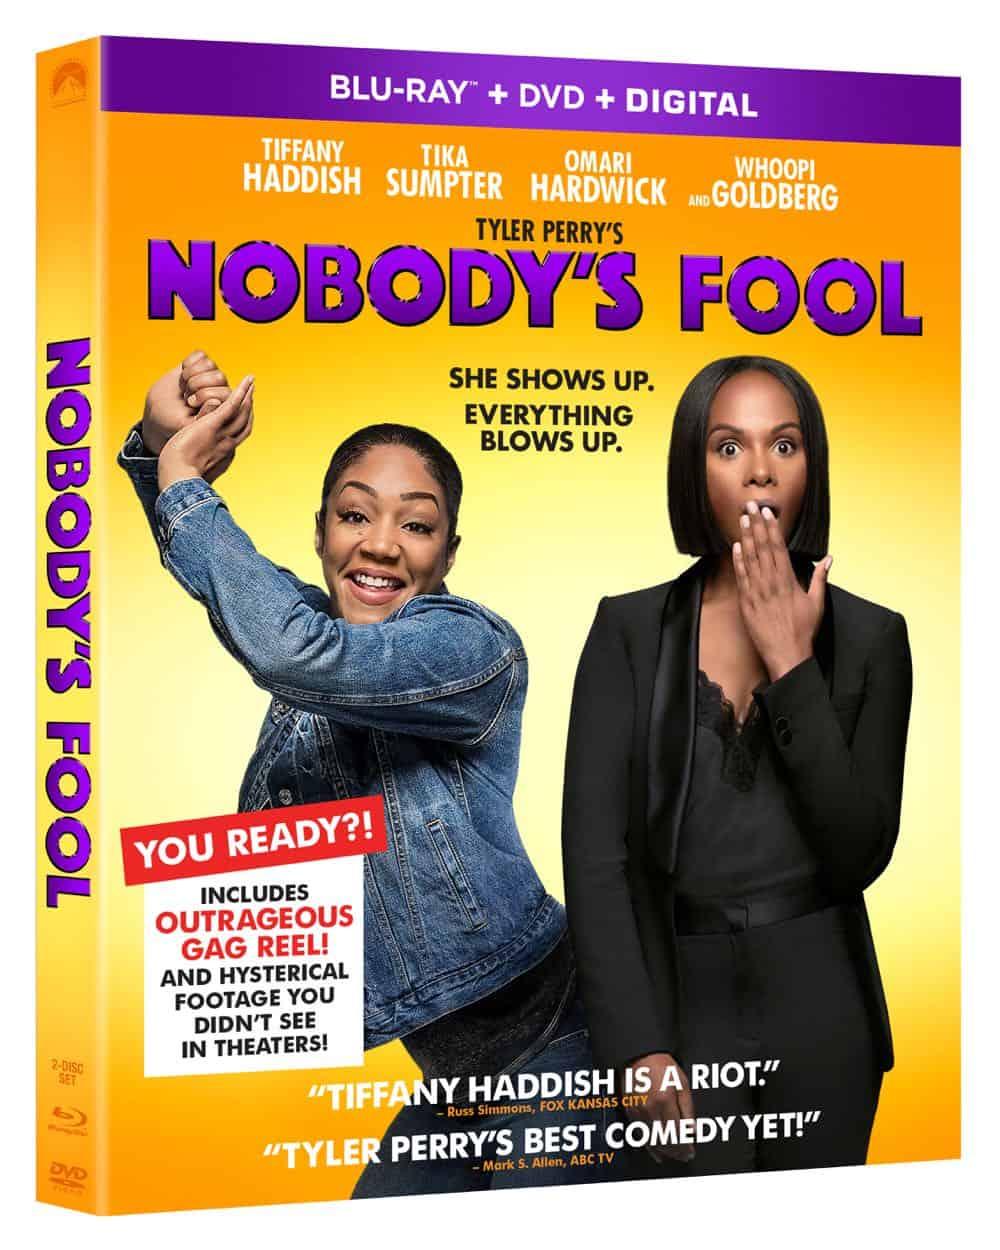 Nobodys Fool Bluray DVD Digital 2